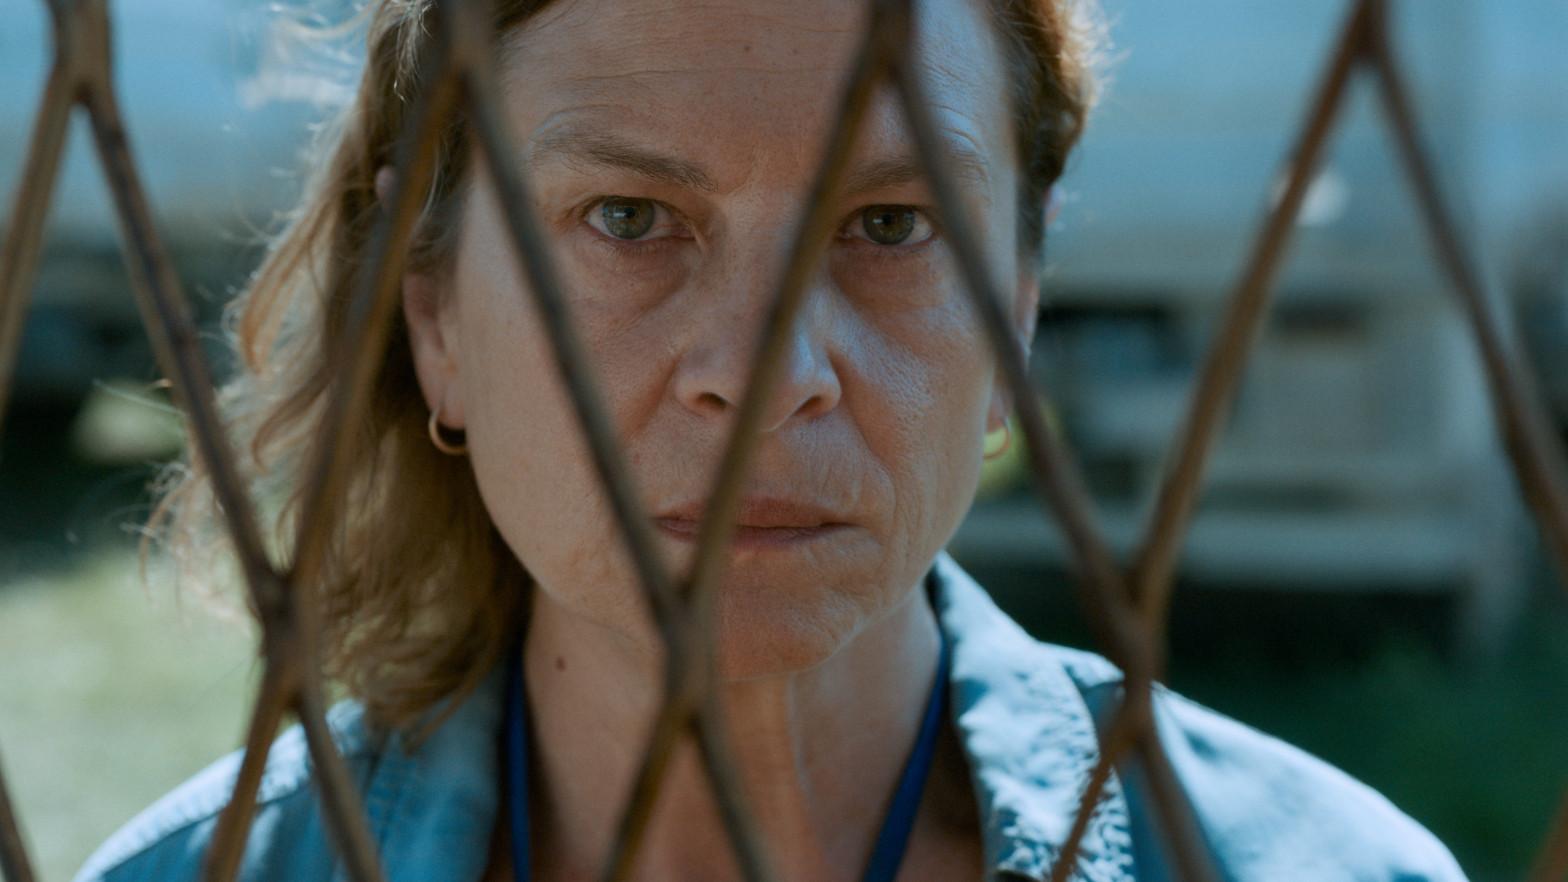 Quo vadis, Aida?: el genocidio de Srebrenica llega a los cines